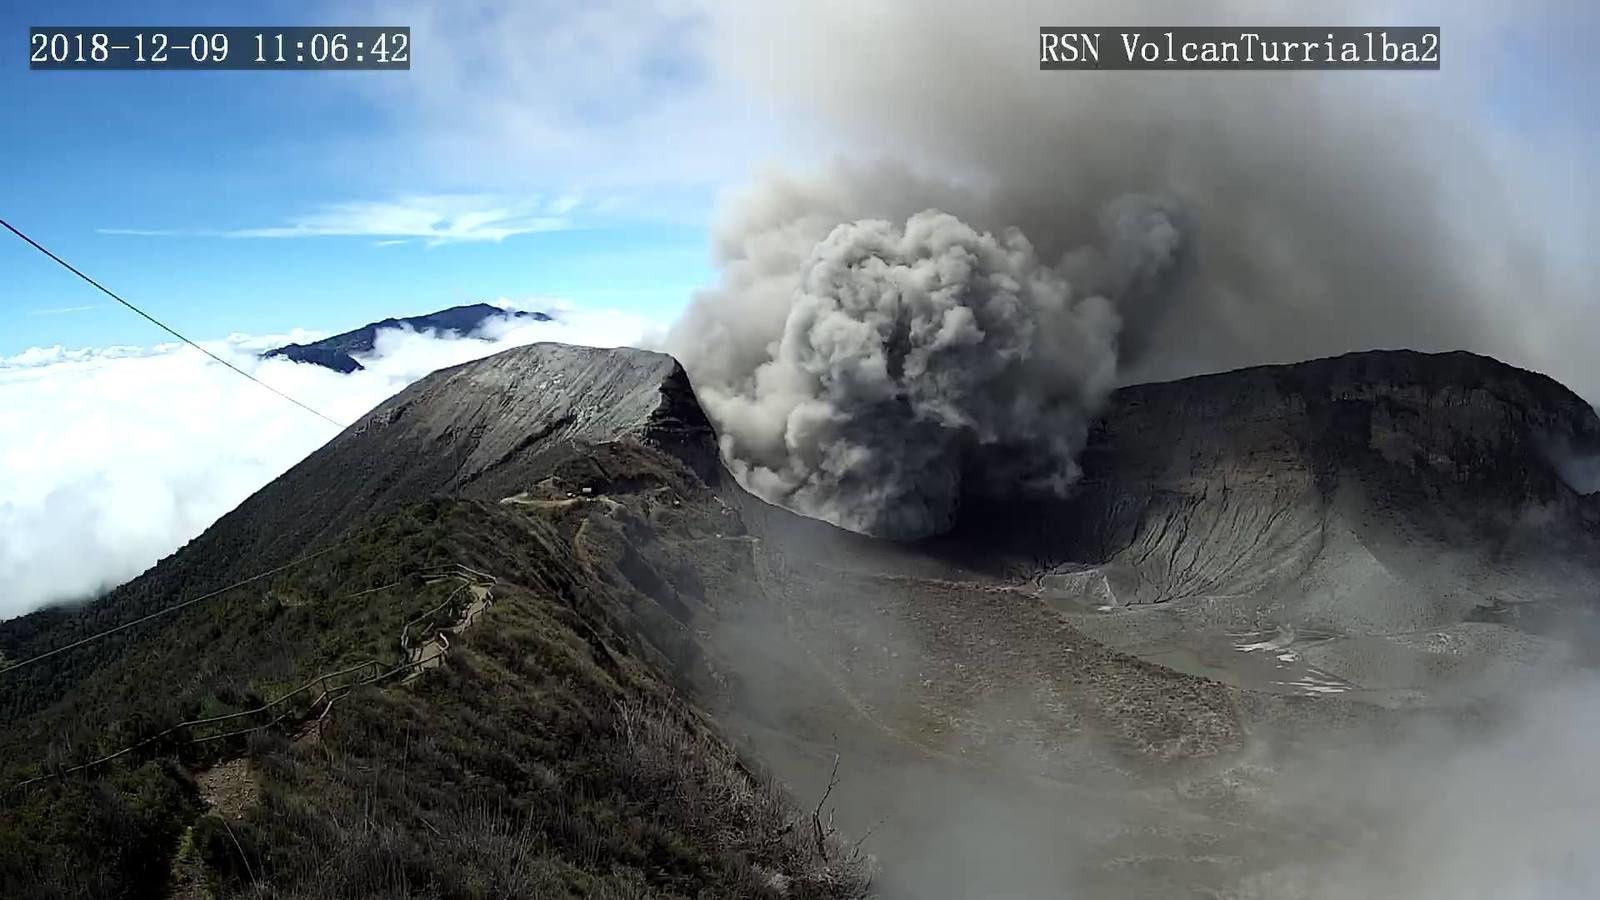 Turrialba - émission de cendres le 09.12.2018 / 11h06 - webcam RSN